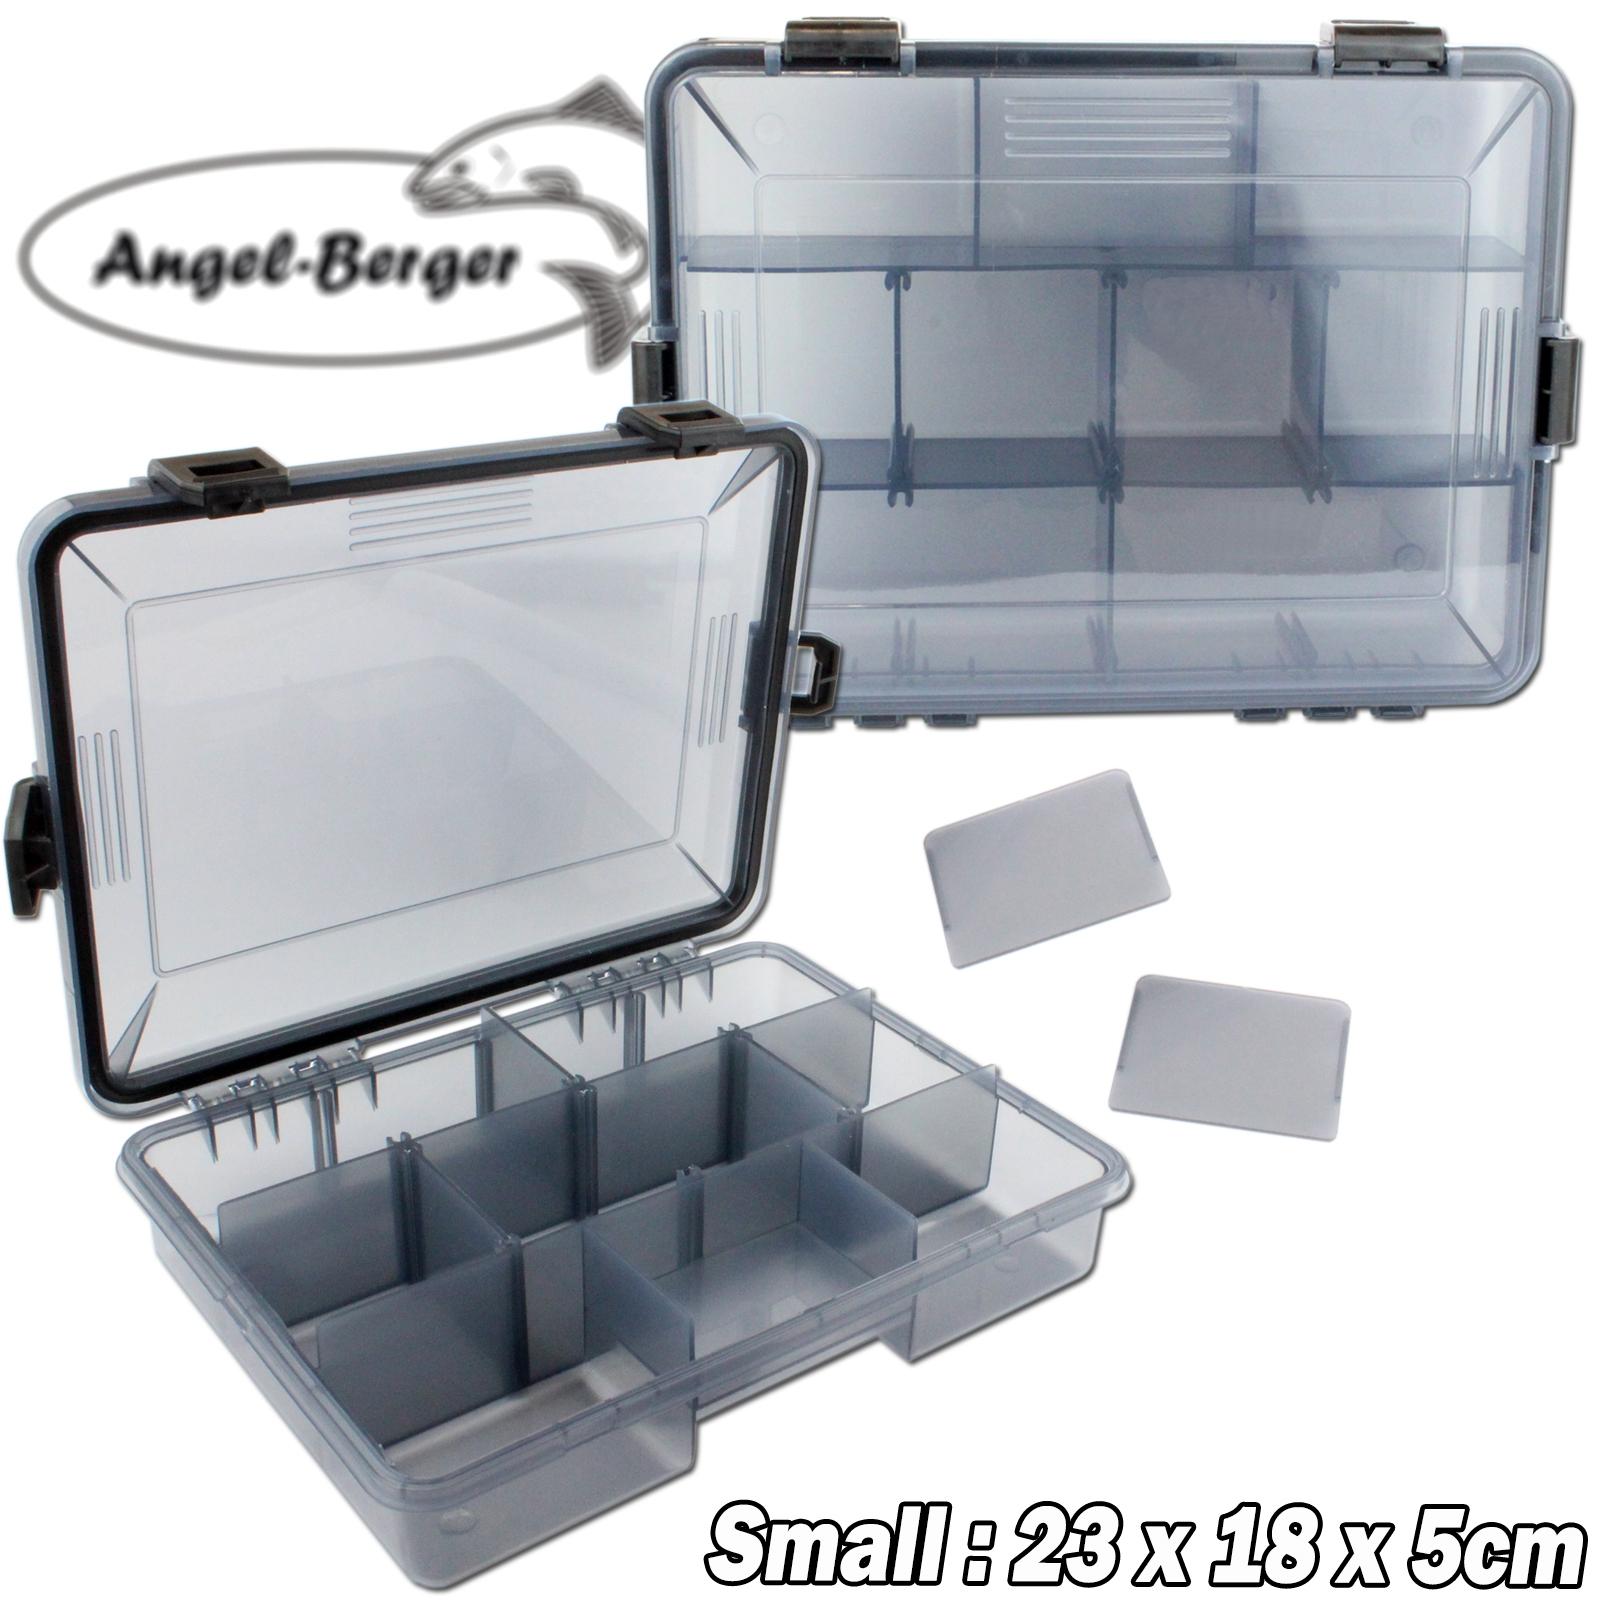 Angel Berger Angelzubehör Set mit Box Zubehörset